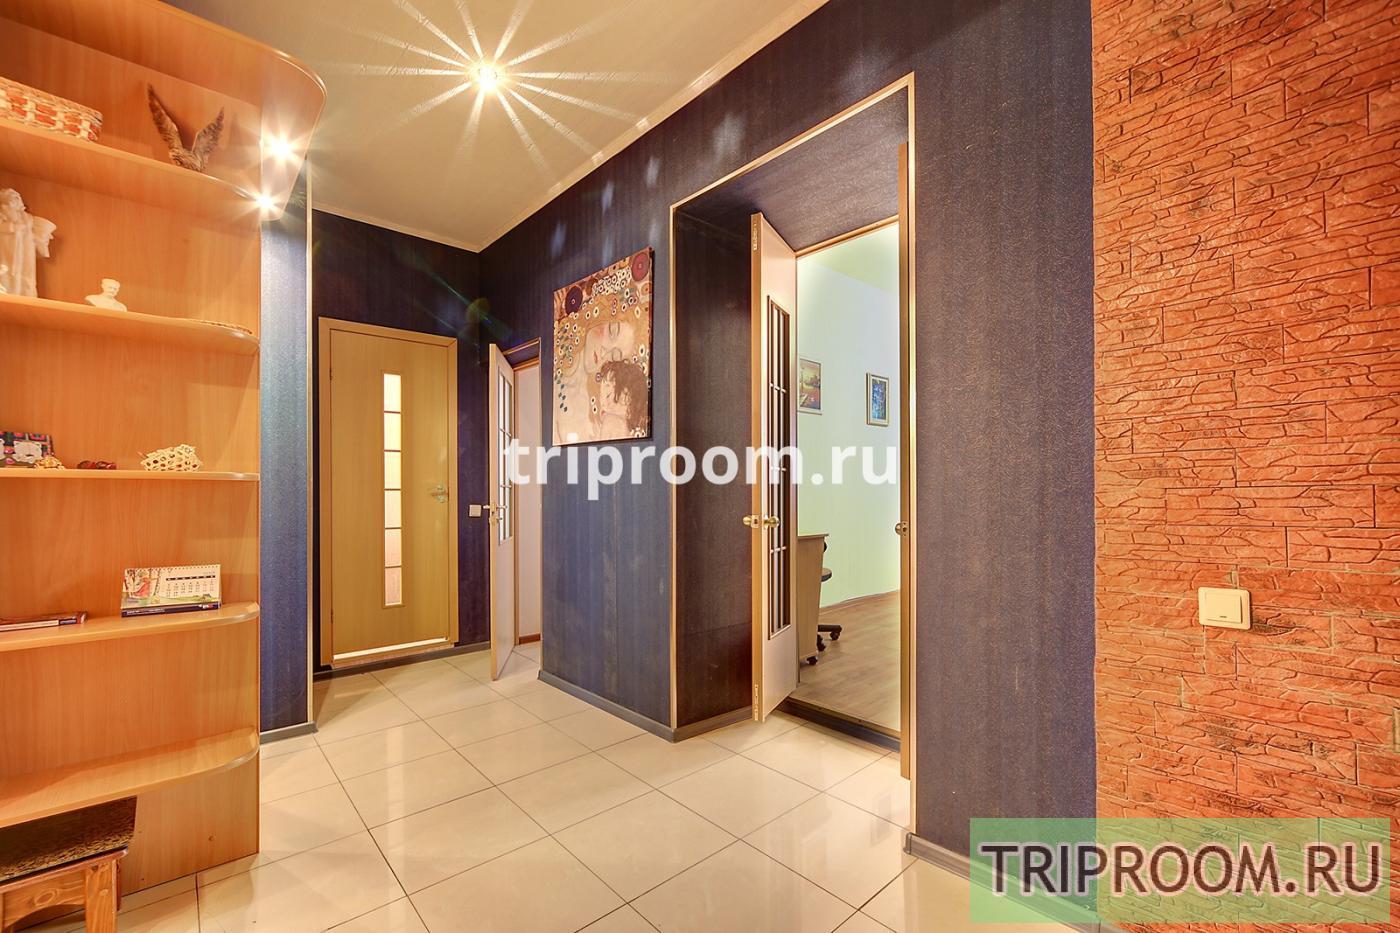 2-комнатная квартира посуточно (вариант № 15459), ул. Адмиралтейская набережная, фото № 14